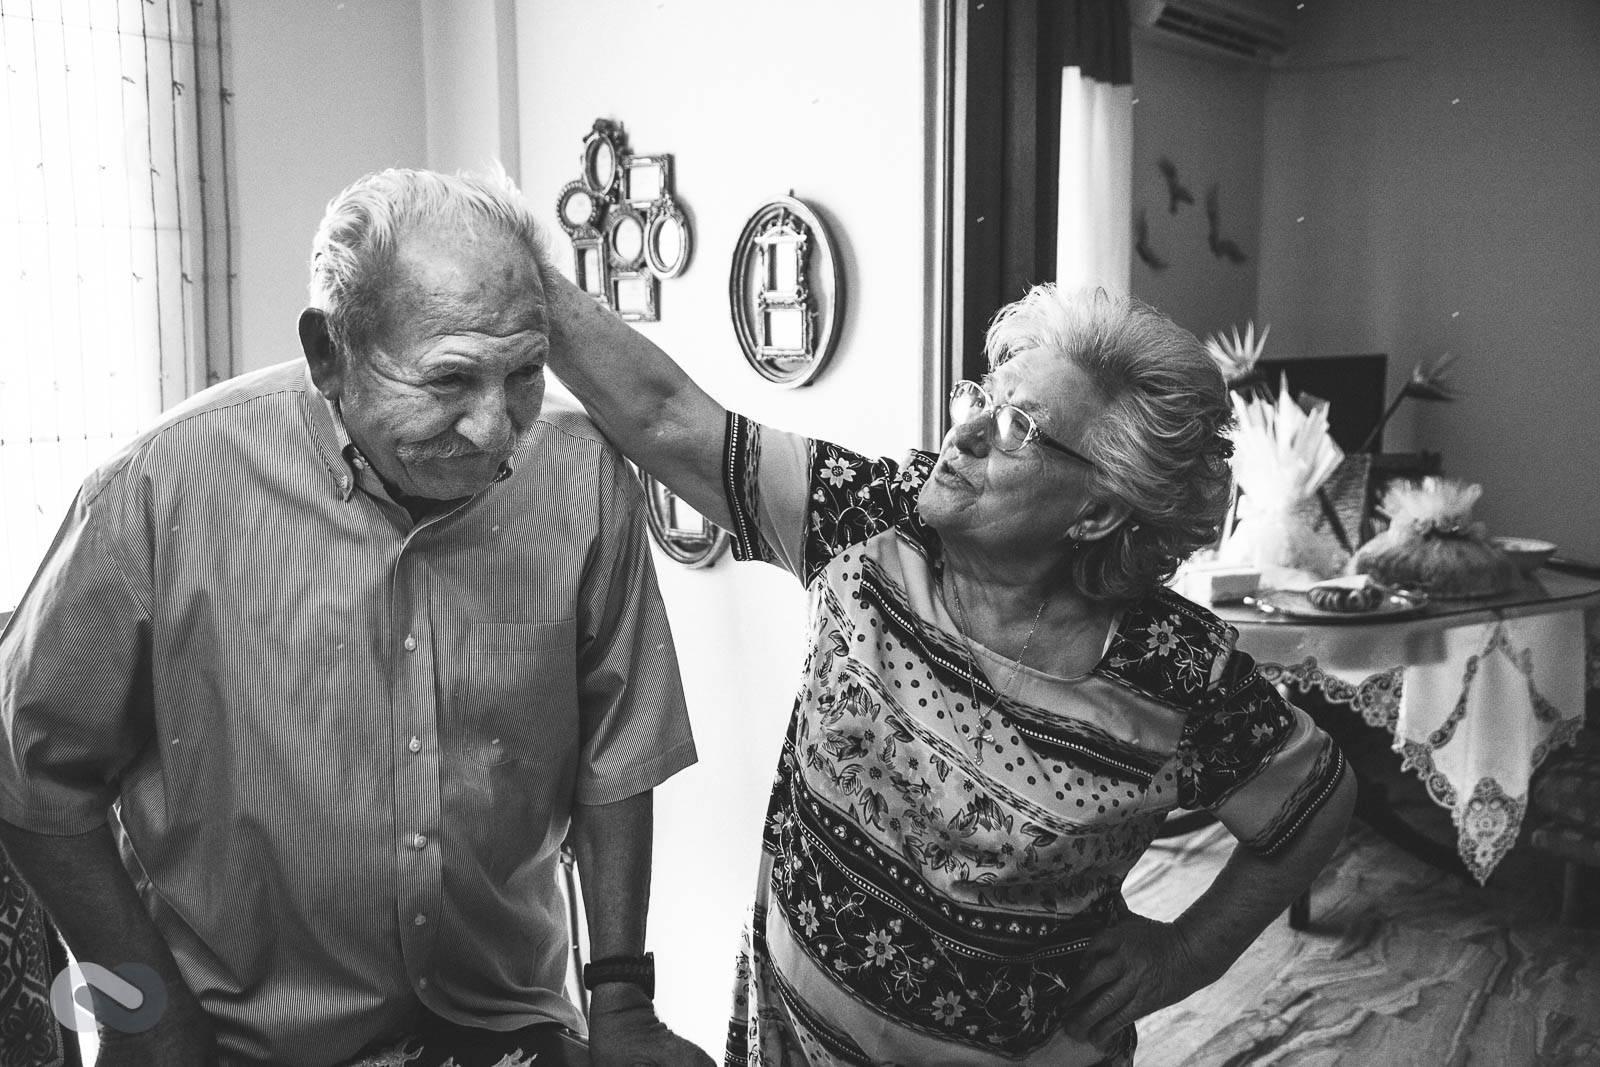 το απίθανο ζευγάρι παππούδων